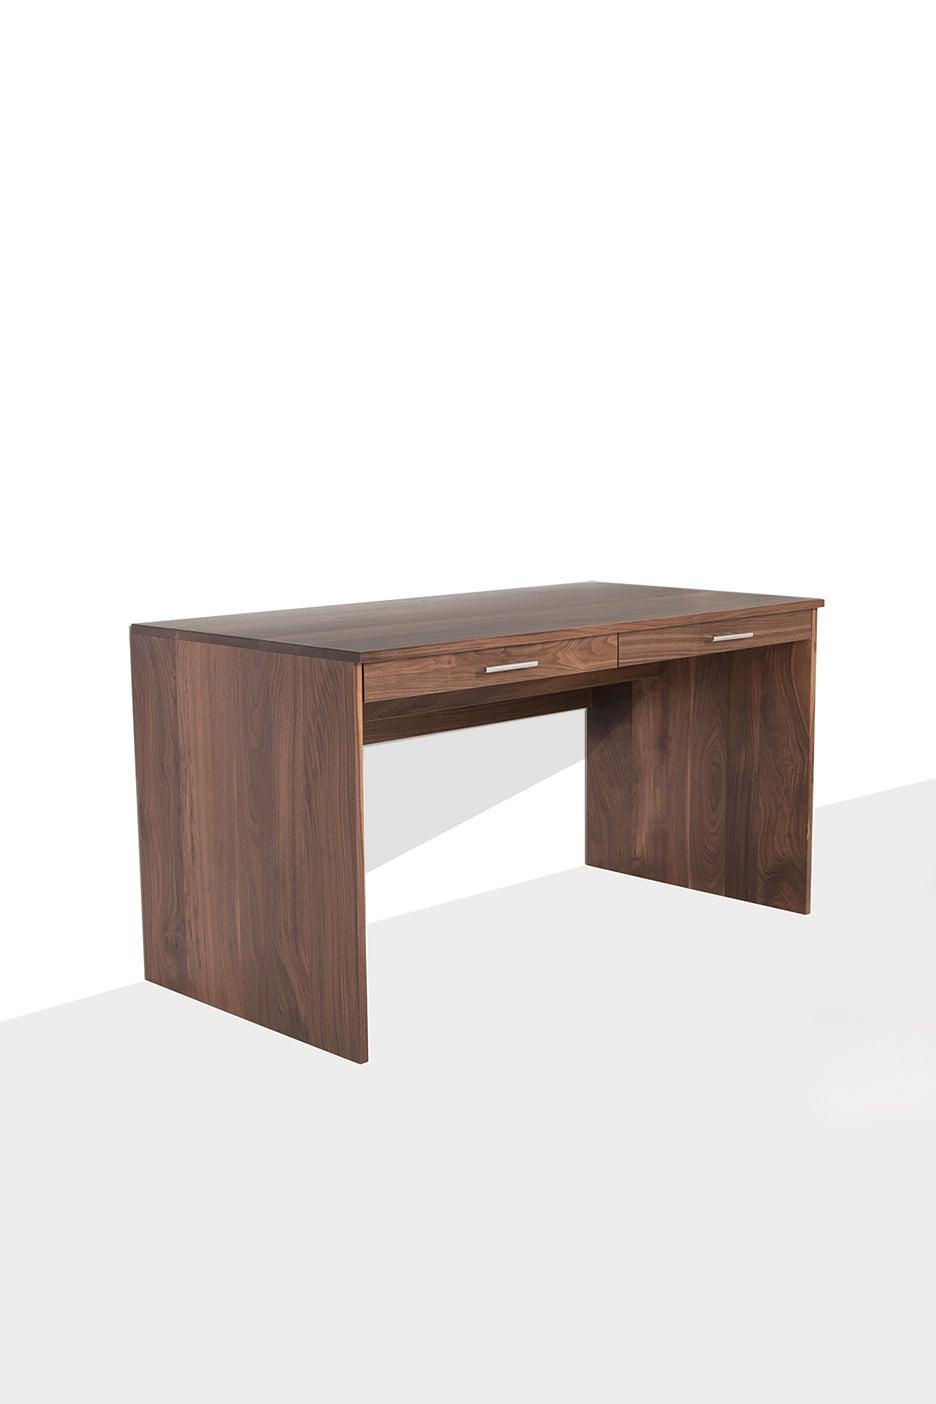 3/4 walnut desk with drawers